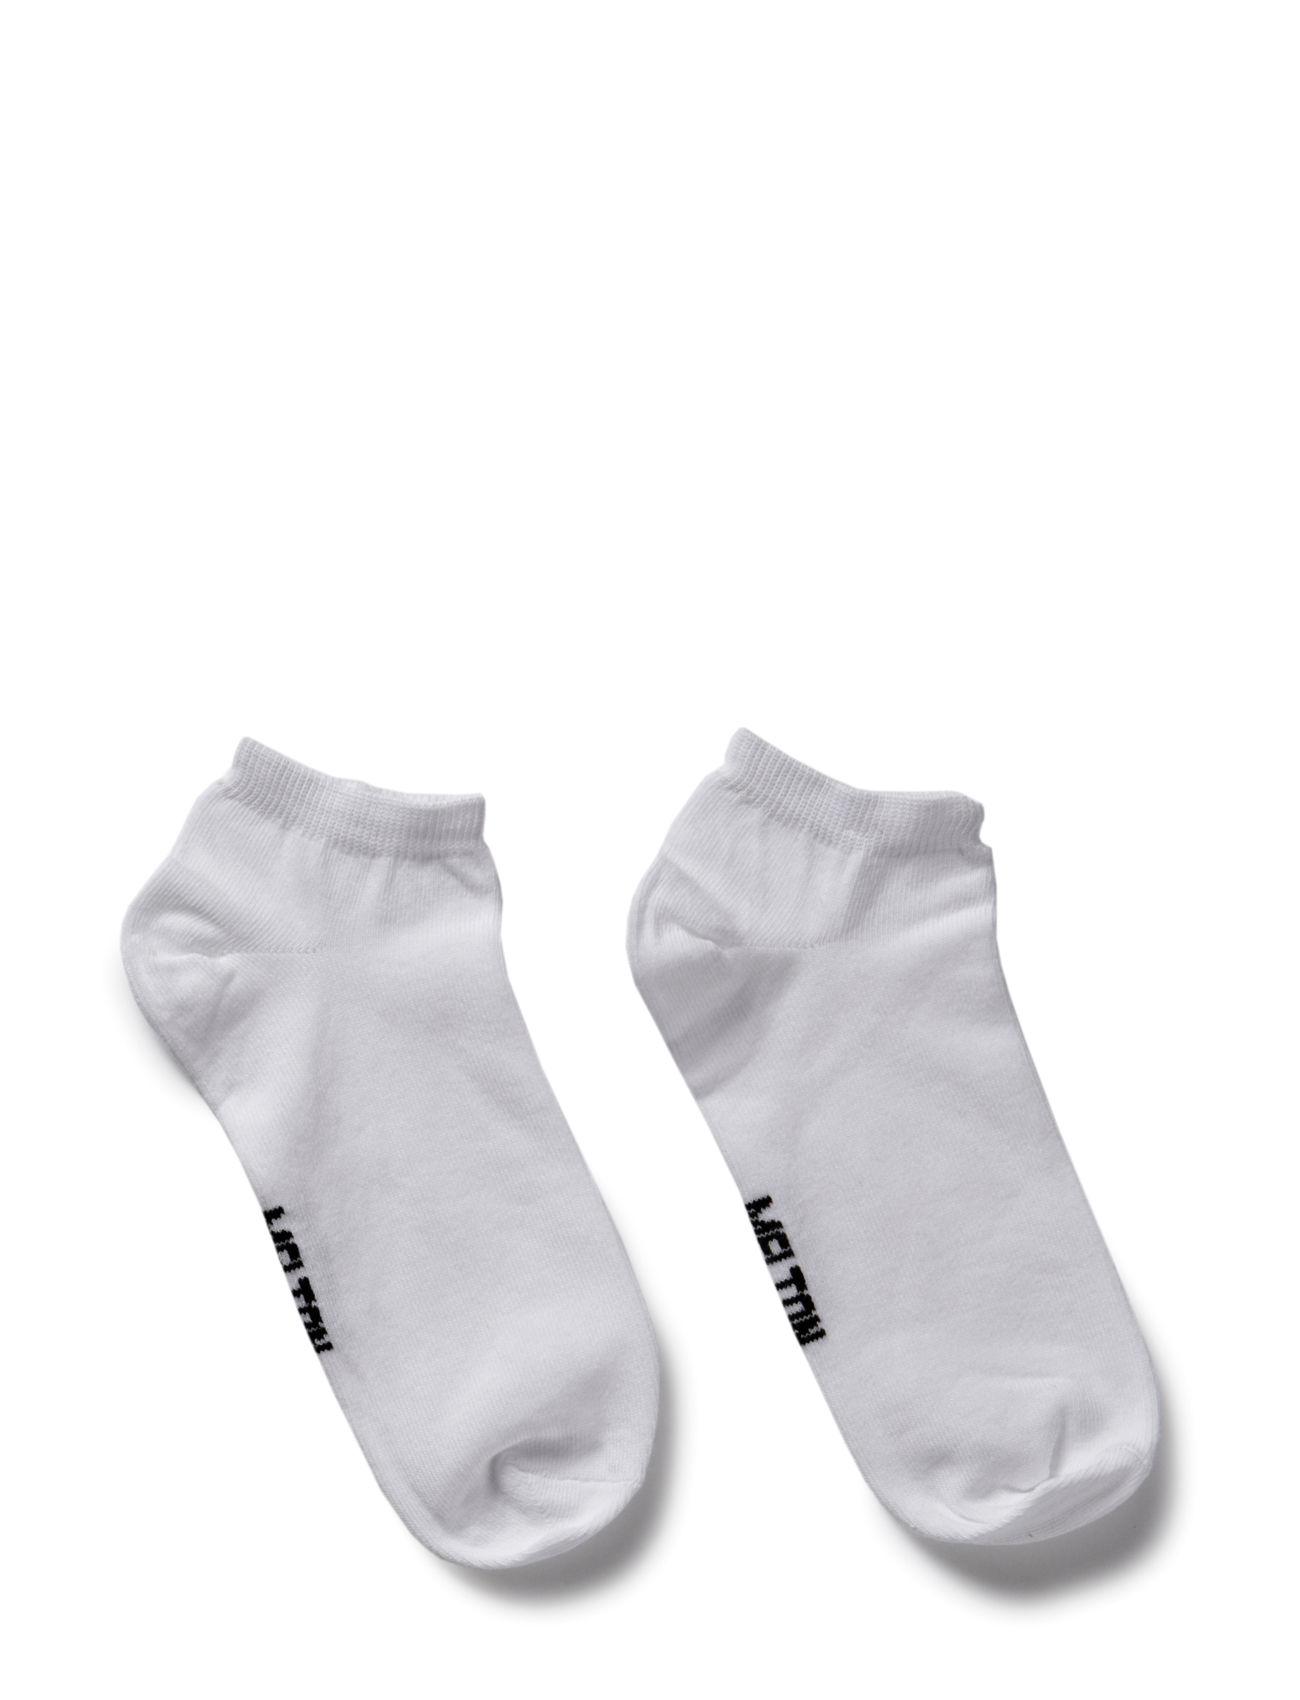 Golf Sock, Plain Colour Melton Strømper & Strømpebukser til Børn i hvid